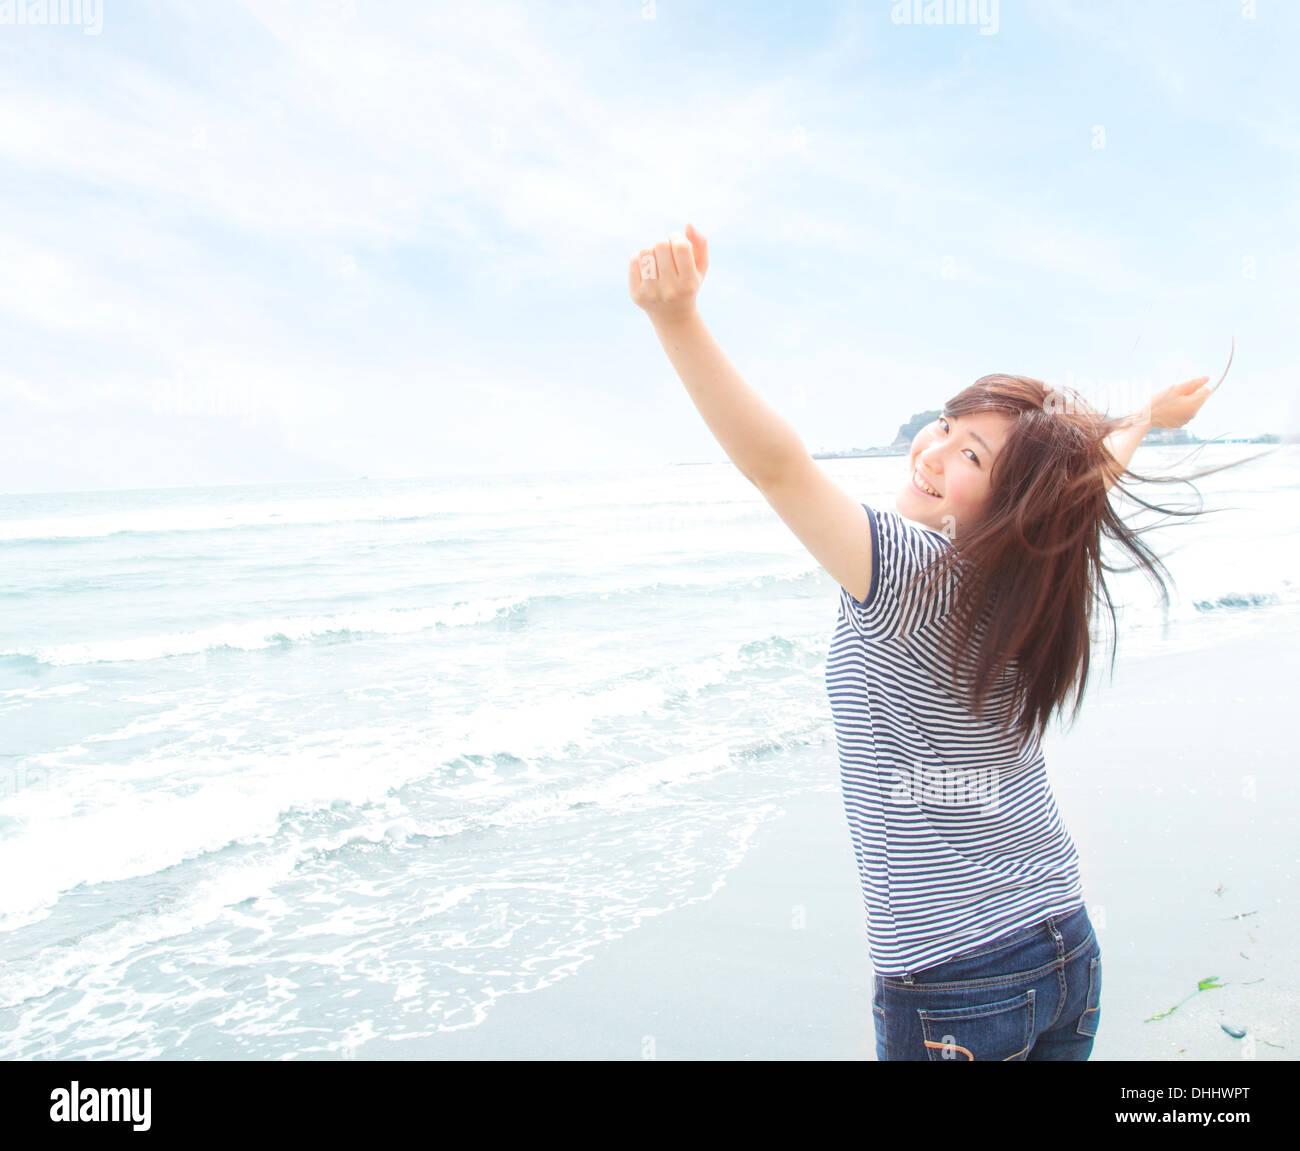 Retrato de mujer joven en la playa con los brazos levantados, mirando por encima del hombro Imagen De Stock